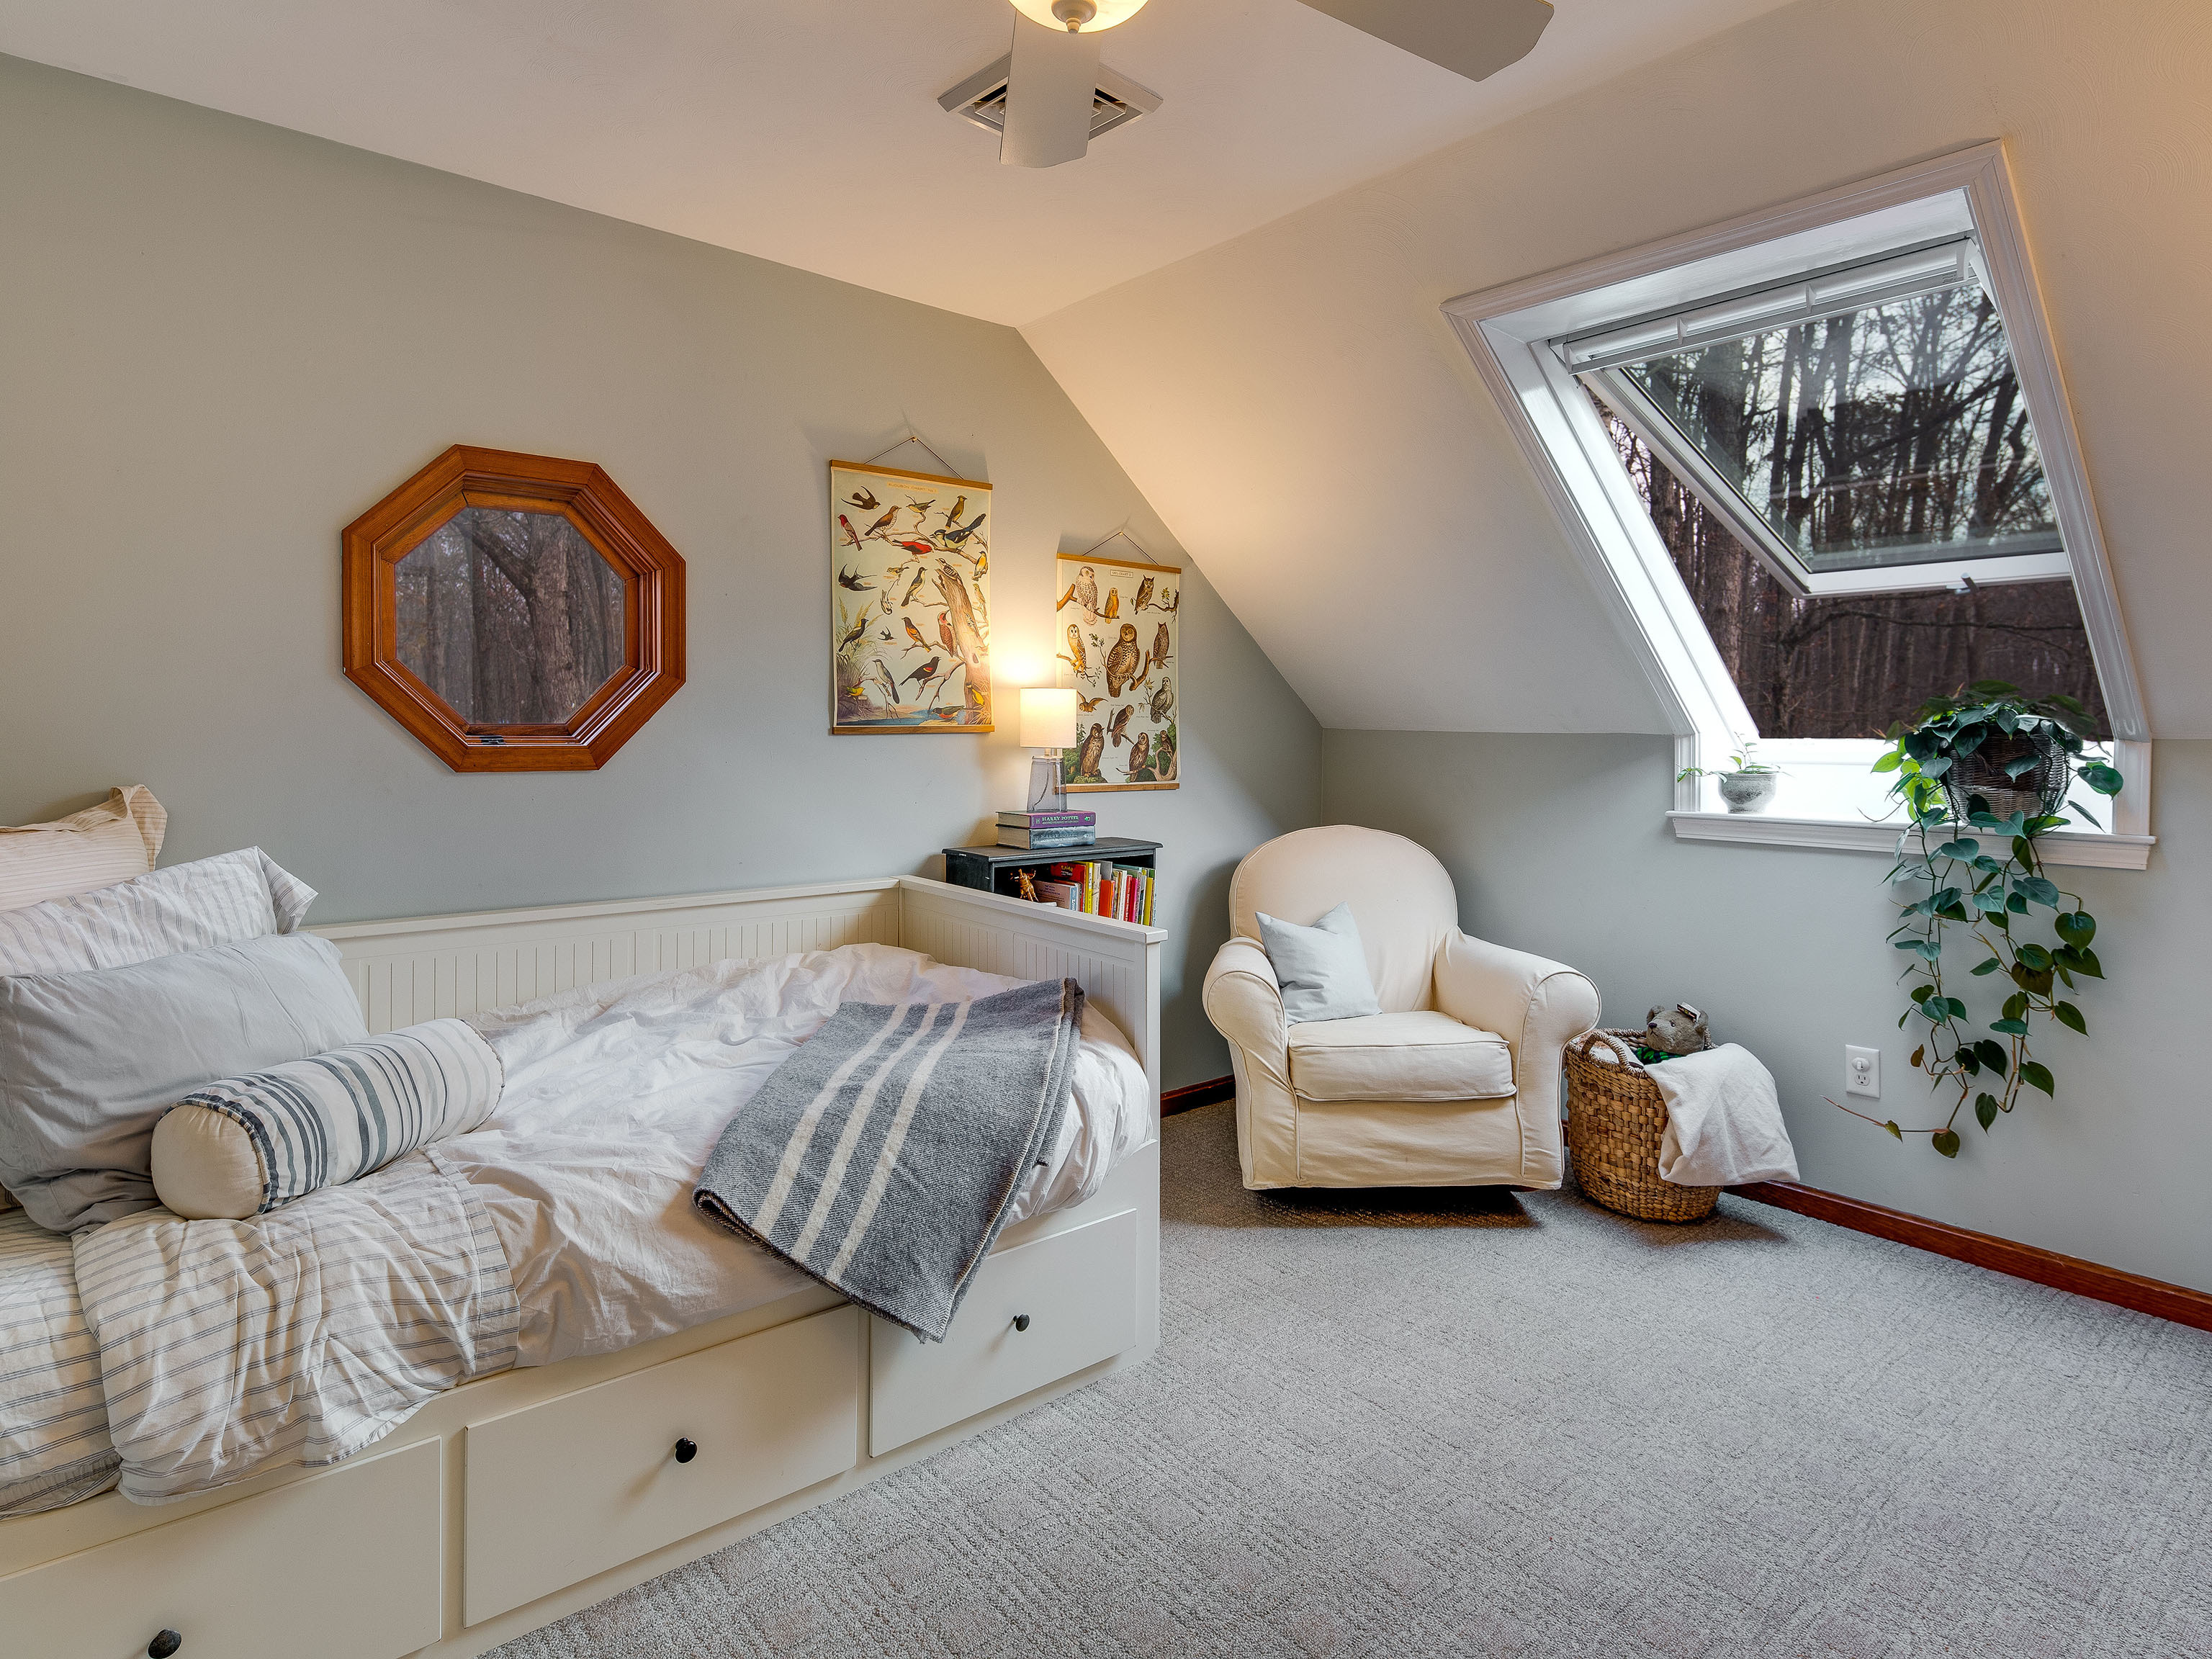 Attic-bedroom-roof-window-beauty-feat.jpg#asset:4421